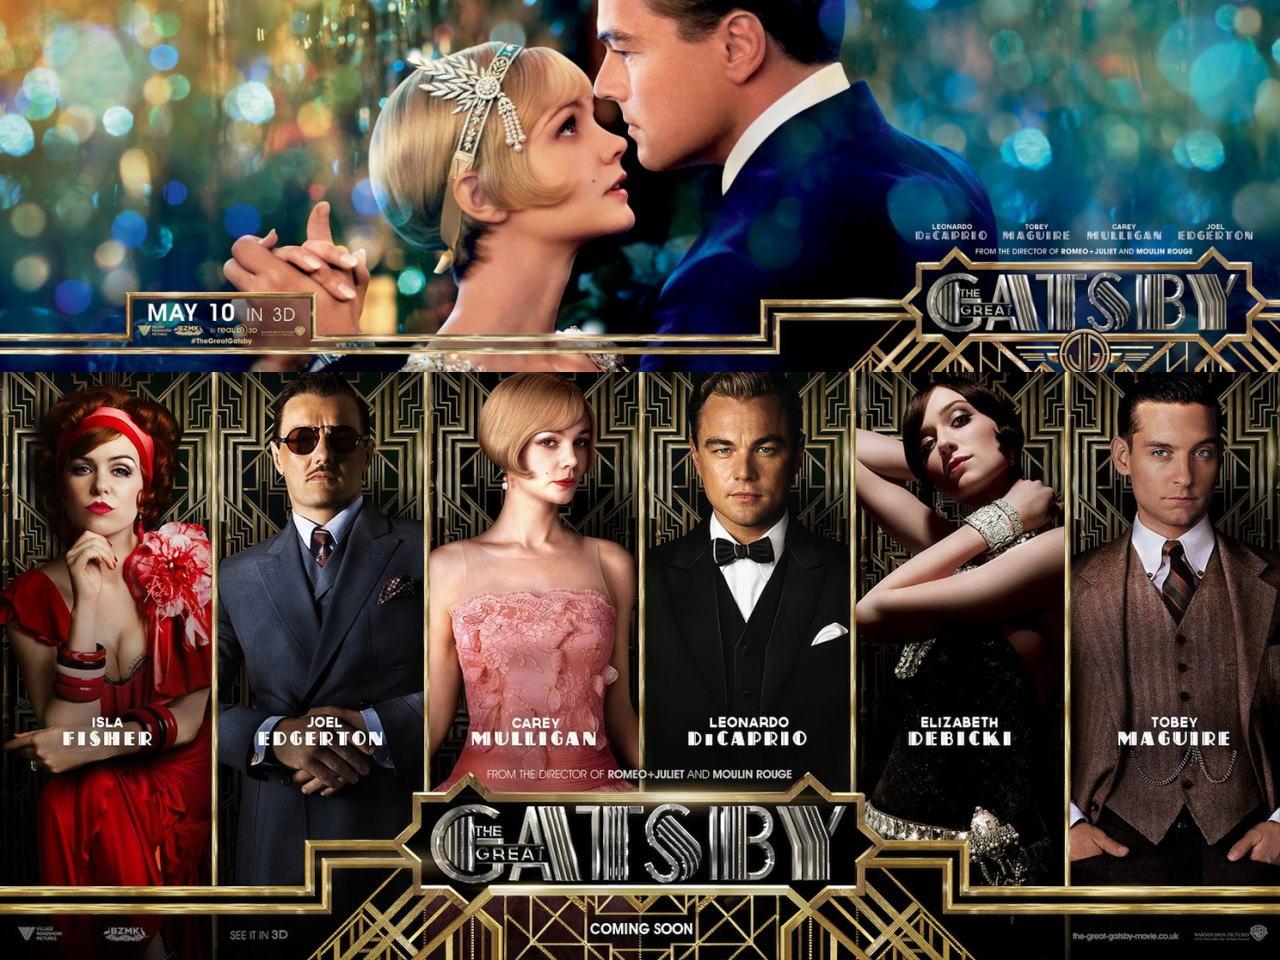 映画『華麗なるギャツビー (2013) THE GREAT GATSBY』ポスター(7) ▼ポスター画像クリックで拡大します。